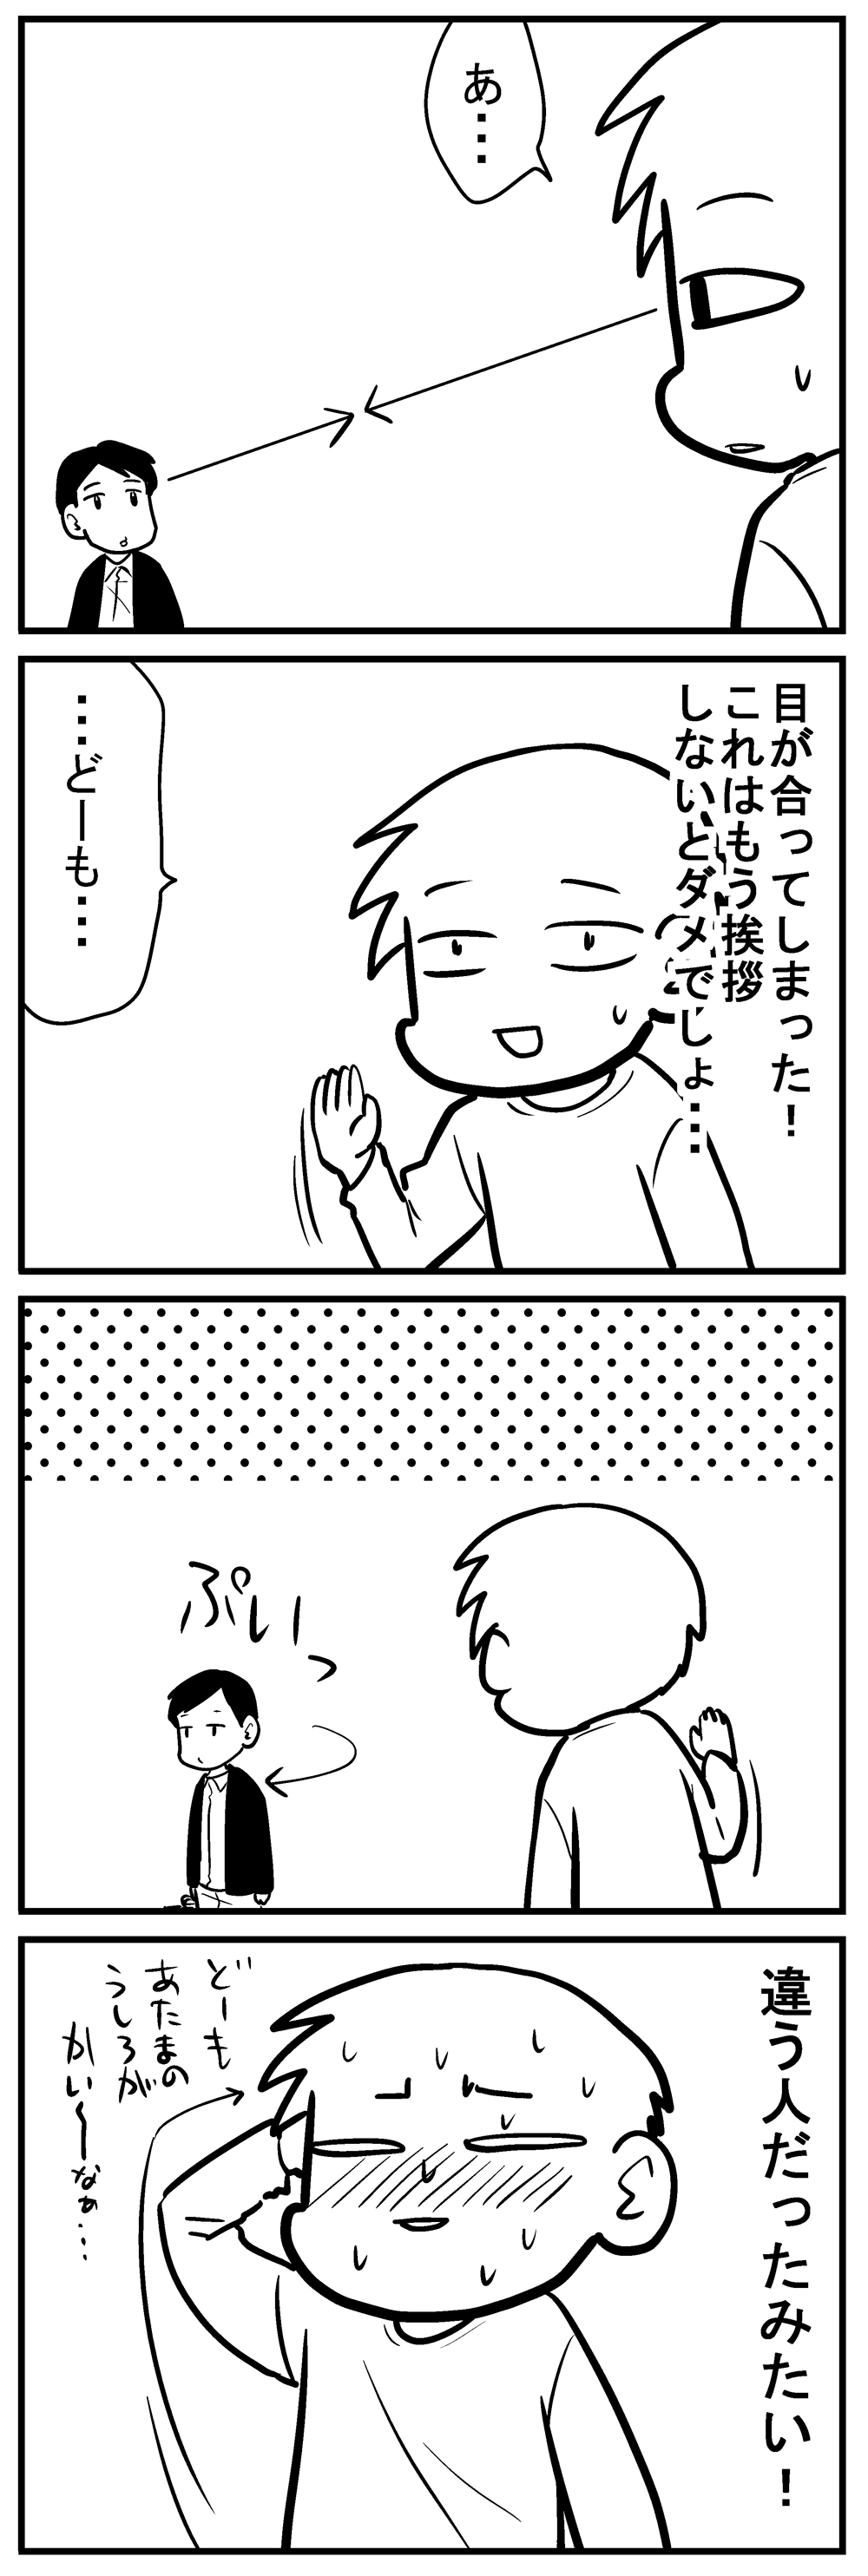 深読みくん98 4